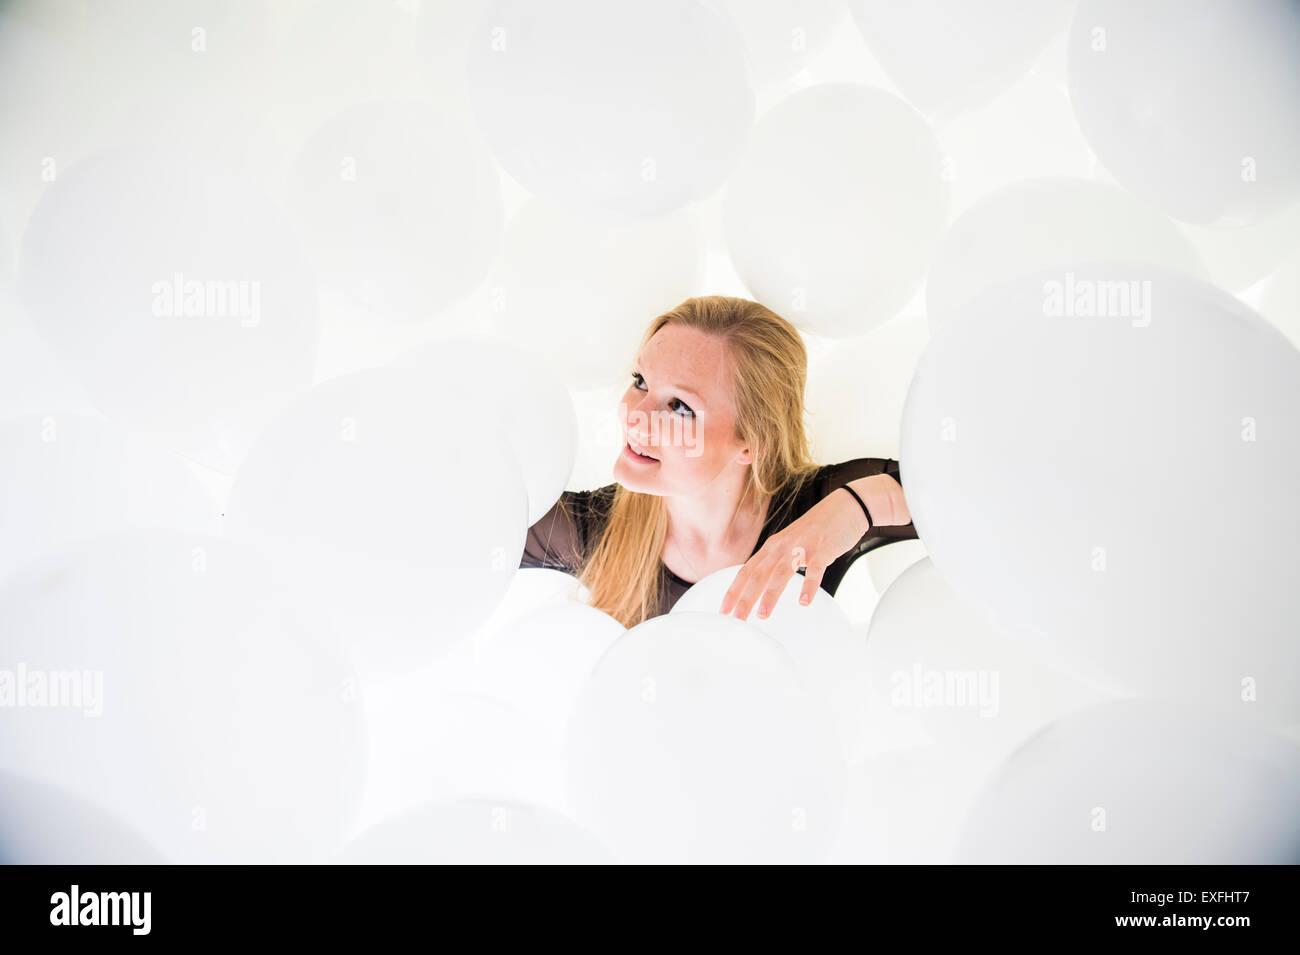 Globophobia: une jeune femme fille seule dans un nuage de centaines de ballons blancs ayant surmonté Photo Stock